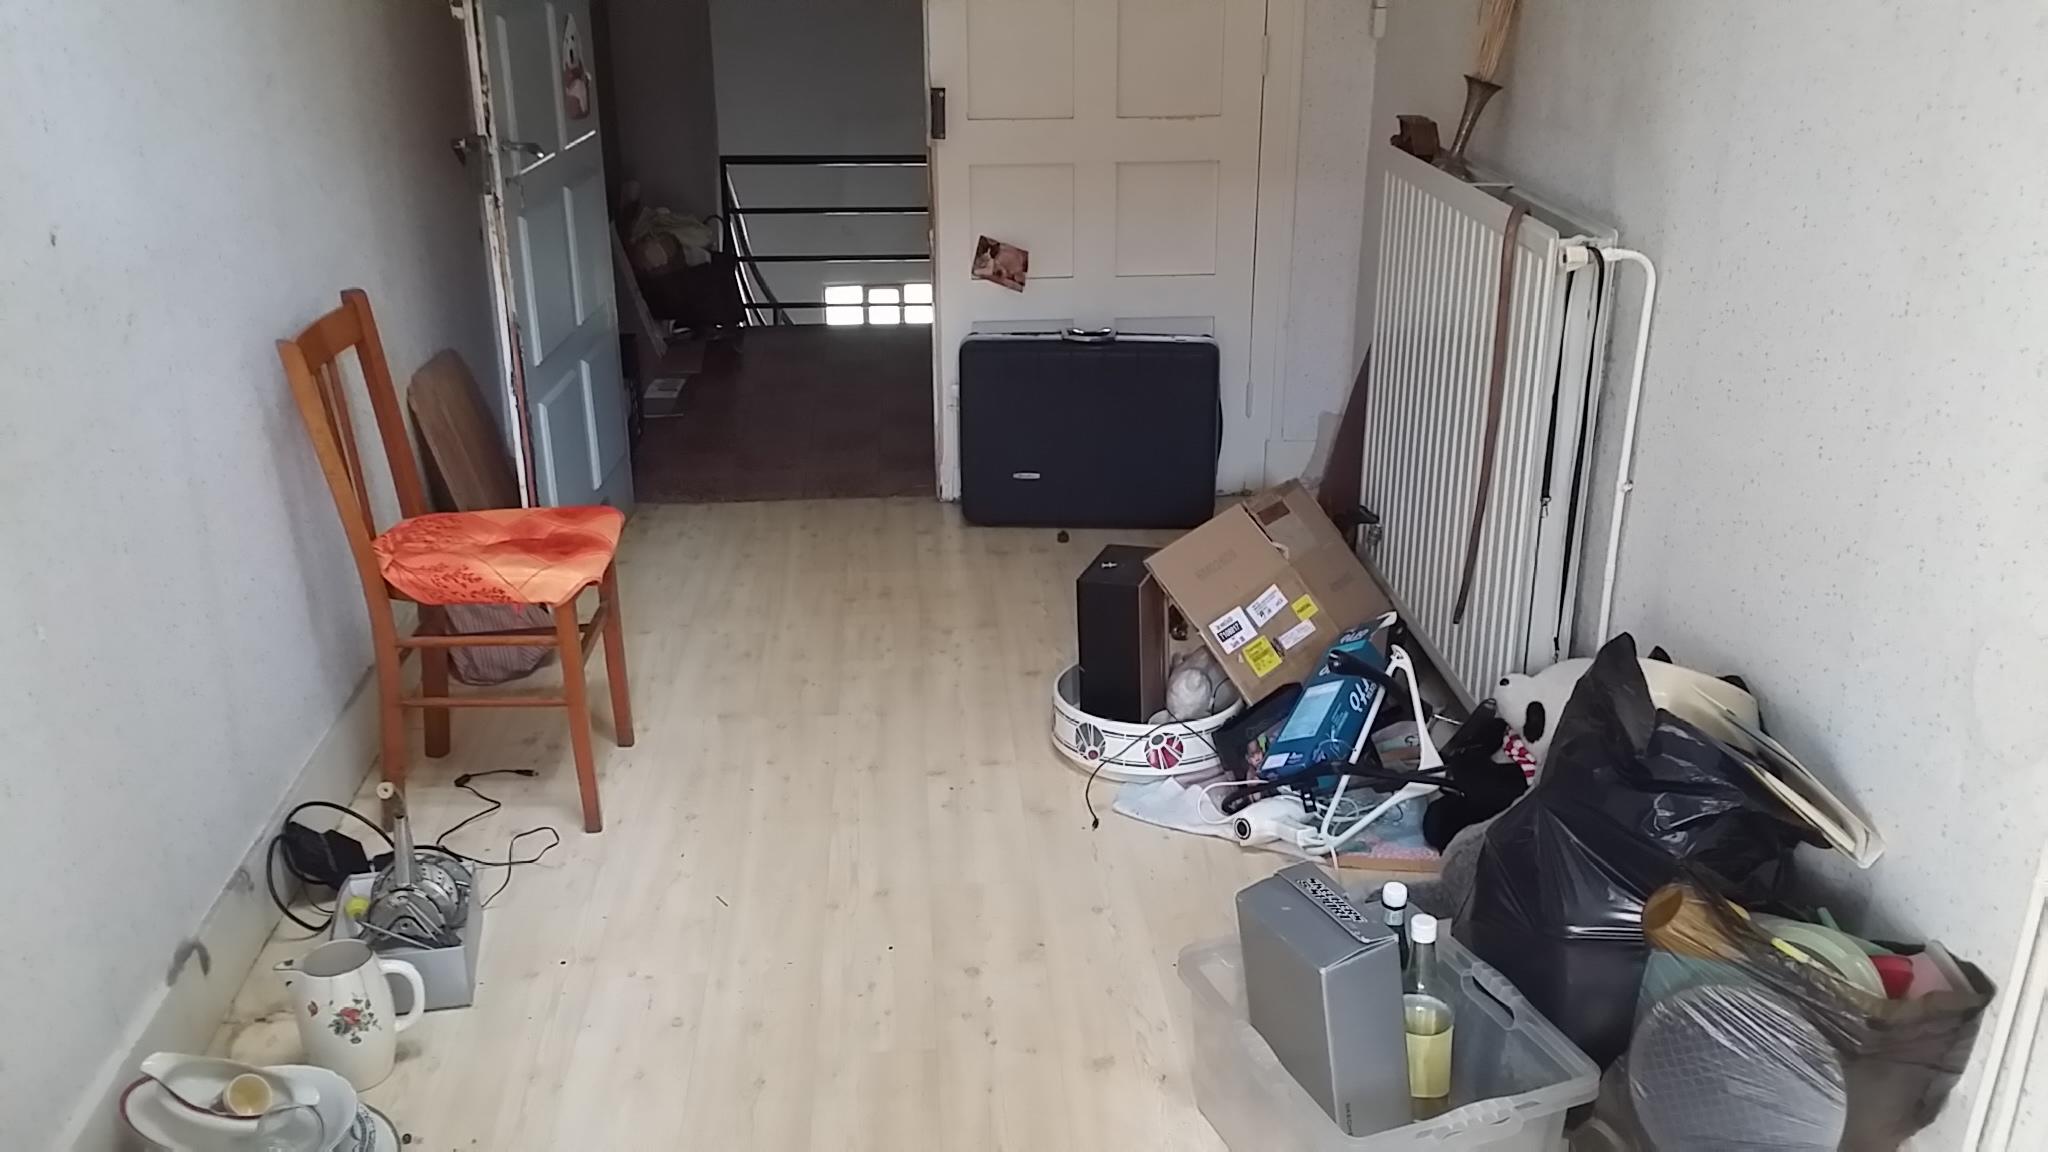 Après le déménagement, il reste encore quelques affaires...